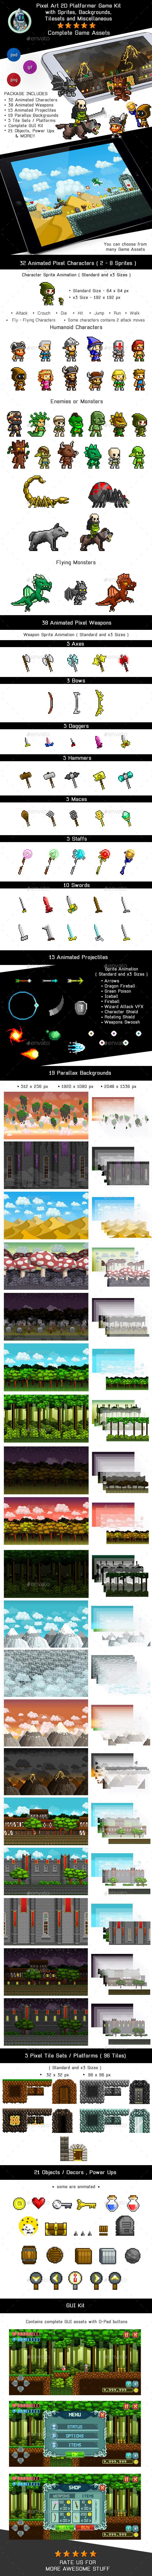 Pixel Art 2D Platformer Video Game Kit Assets - Game Kits Game Assets